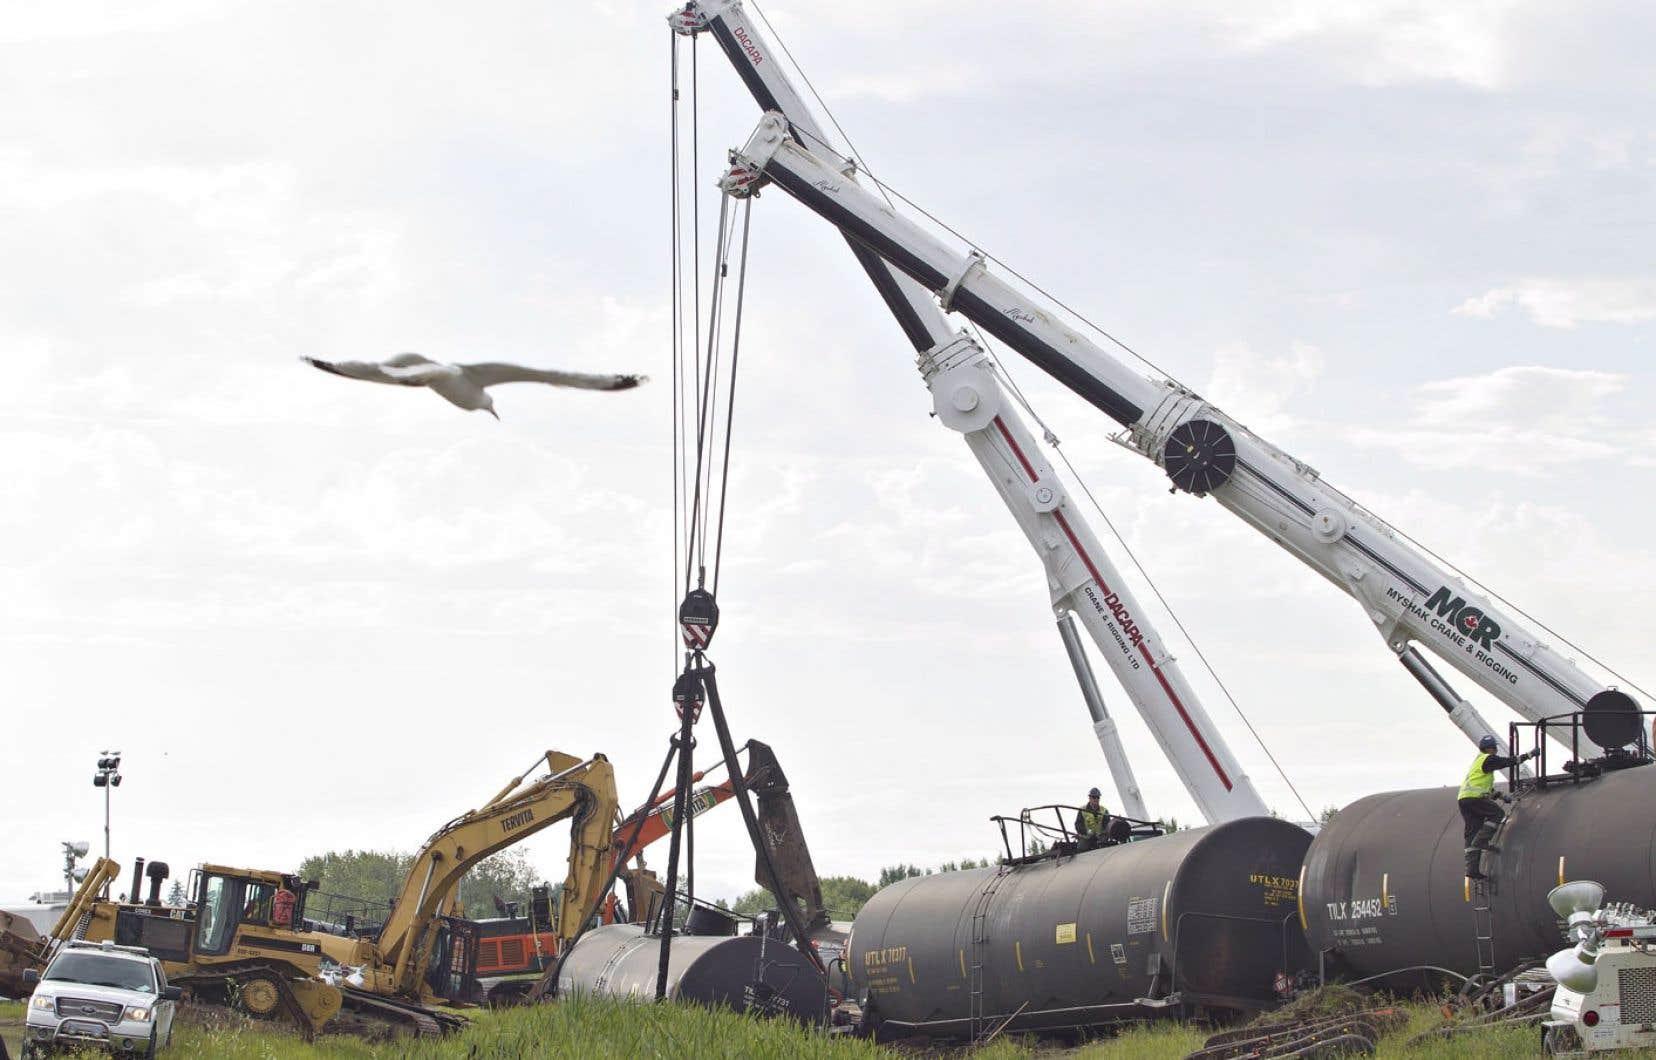 Un convoi ferroviaire du Canadien Pacifique comptant sept wagons-citernes qui transportaient du pétrole a déraillé vendredi dernier à Lloydminster, une municipalité chevauchant la Saskatchewan et l'Alberta. Aucun hydrocarbure n'a toutefois été déversé.